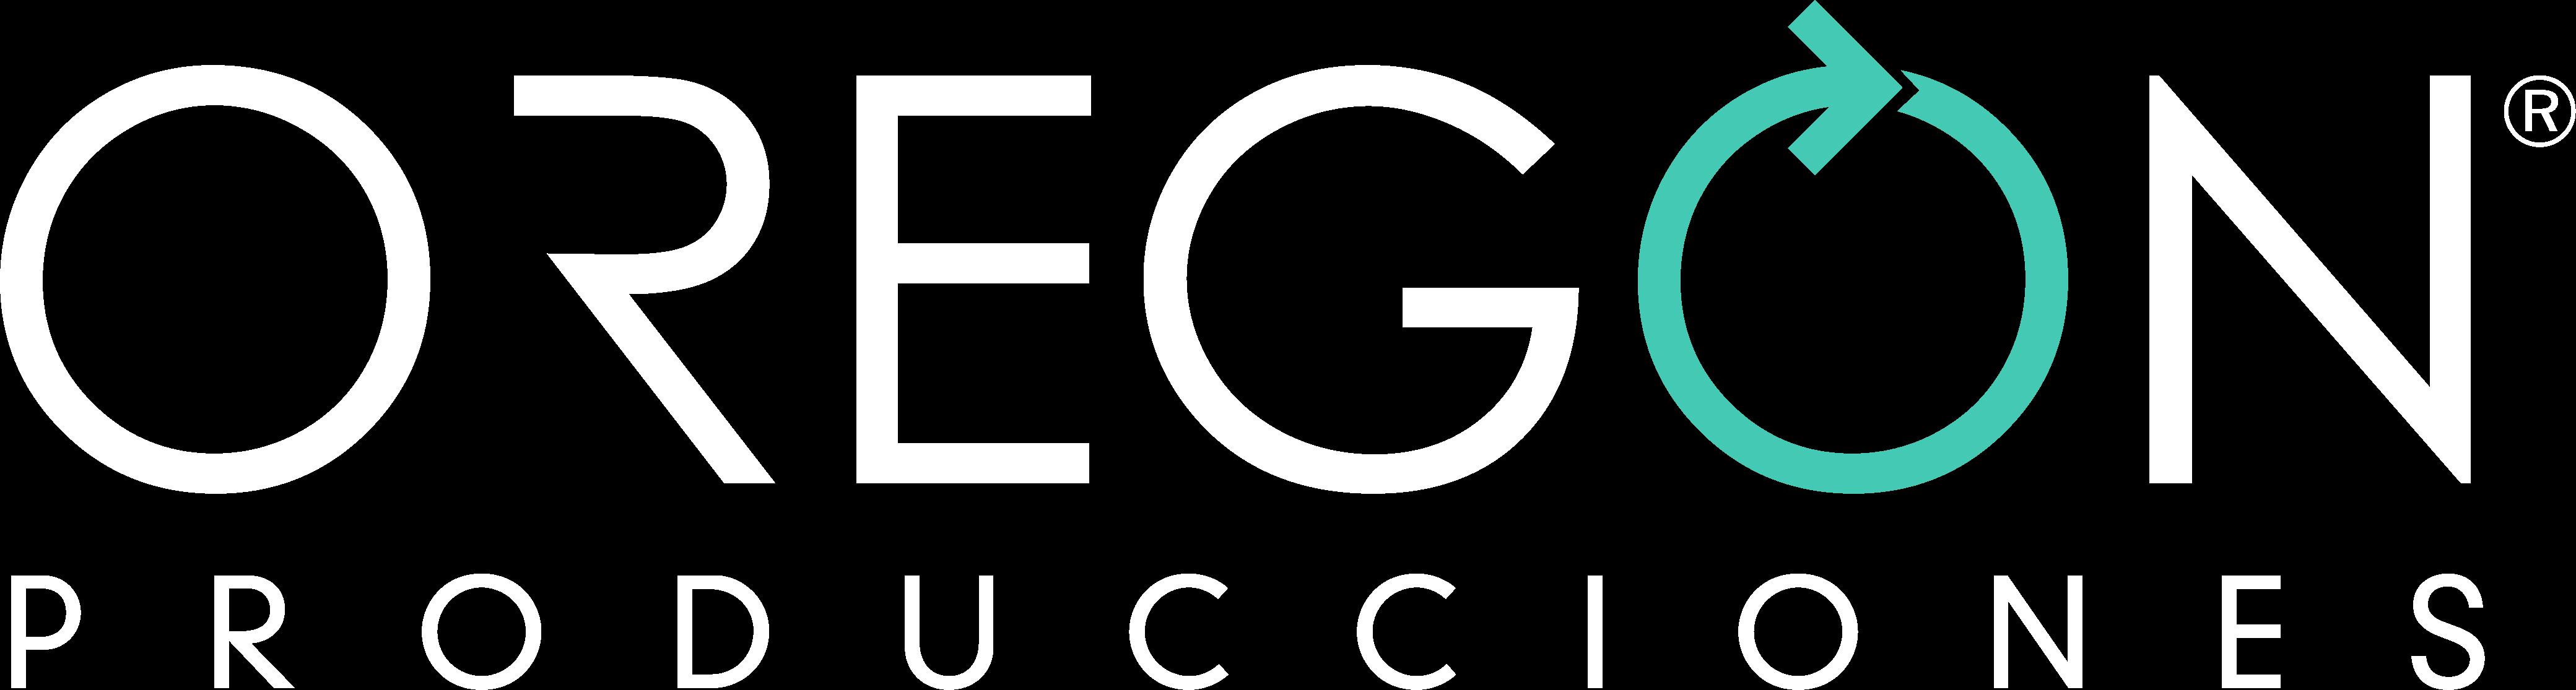 OREGON PRODUCCIONES